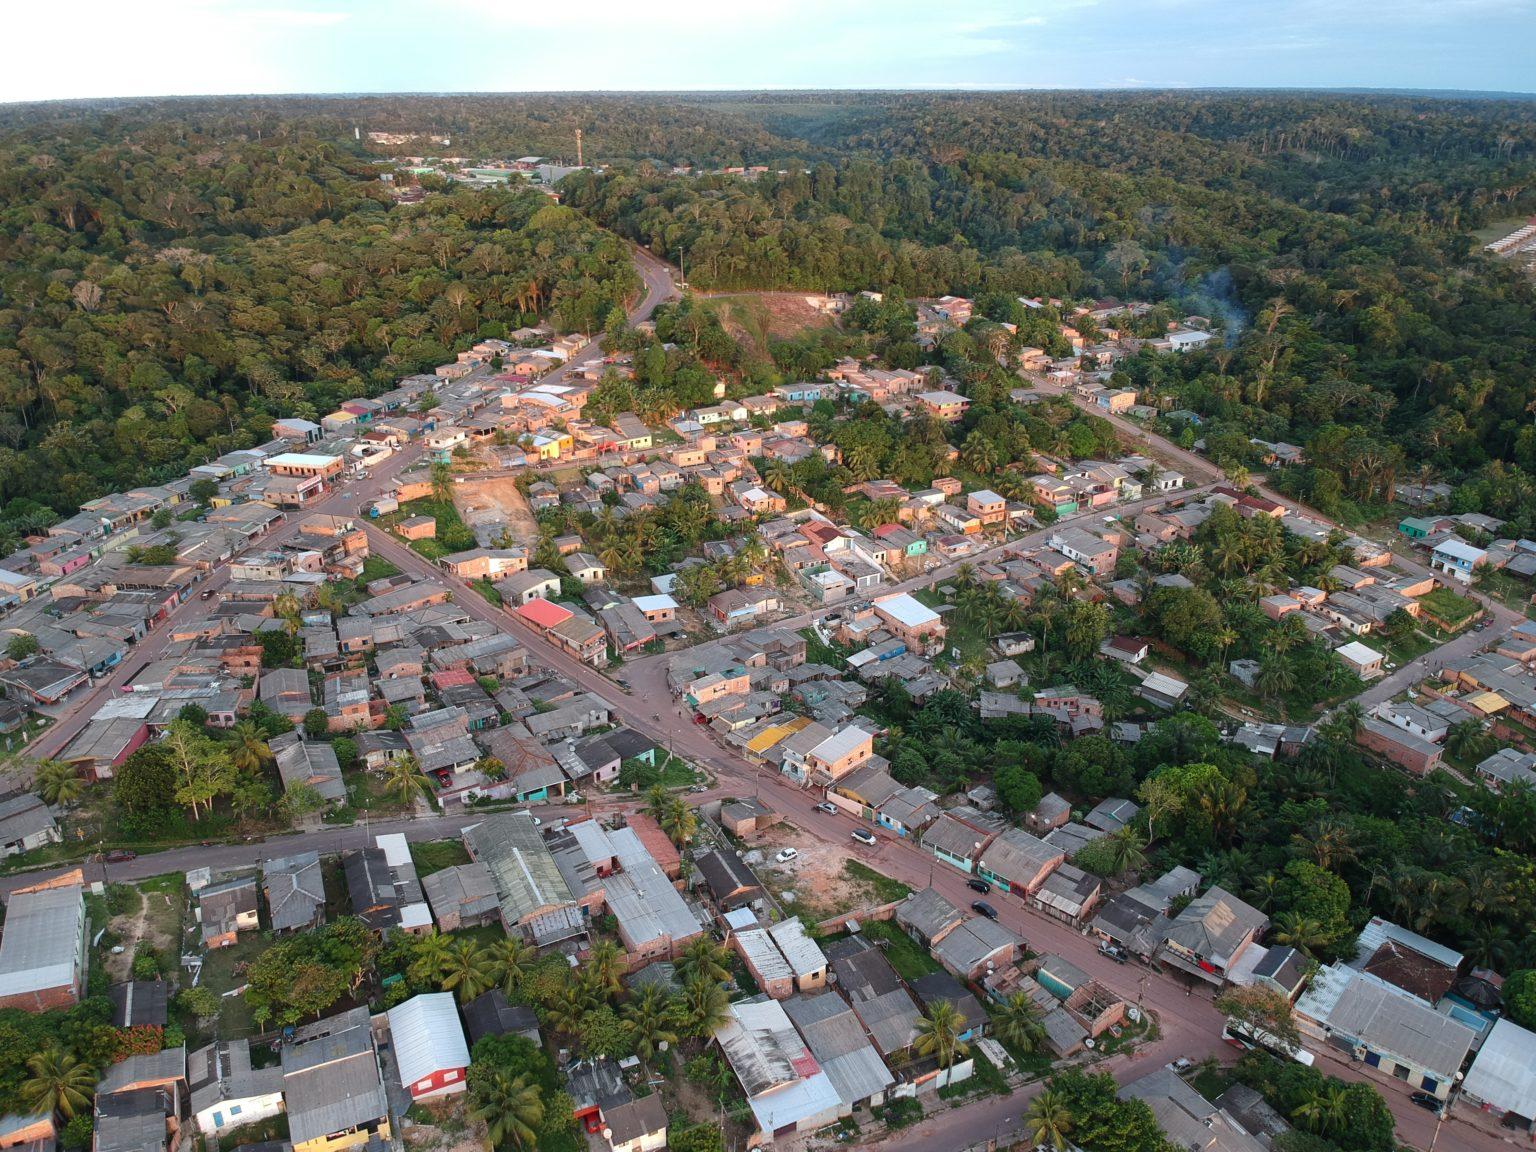 Município de Presidente Figueiredo terá prefeito tampão depois de cassação de Romeiro pelo TSE